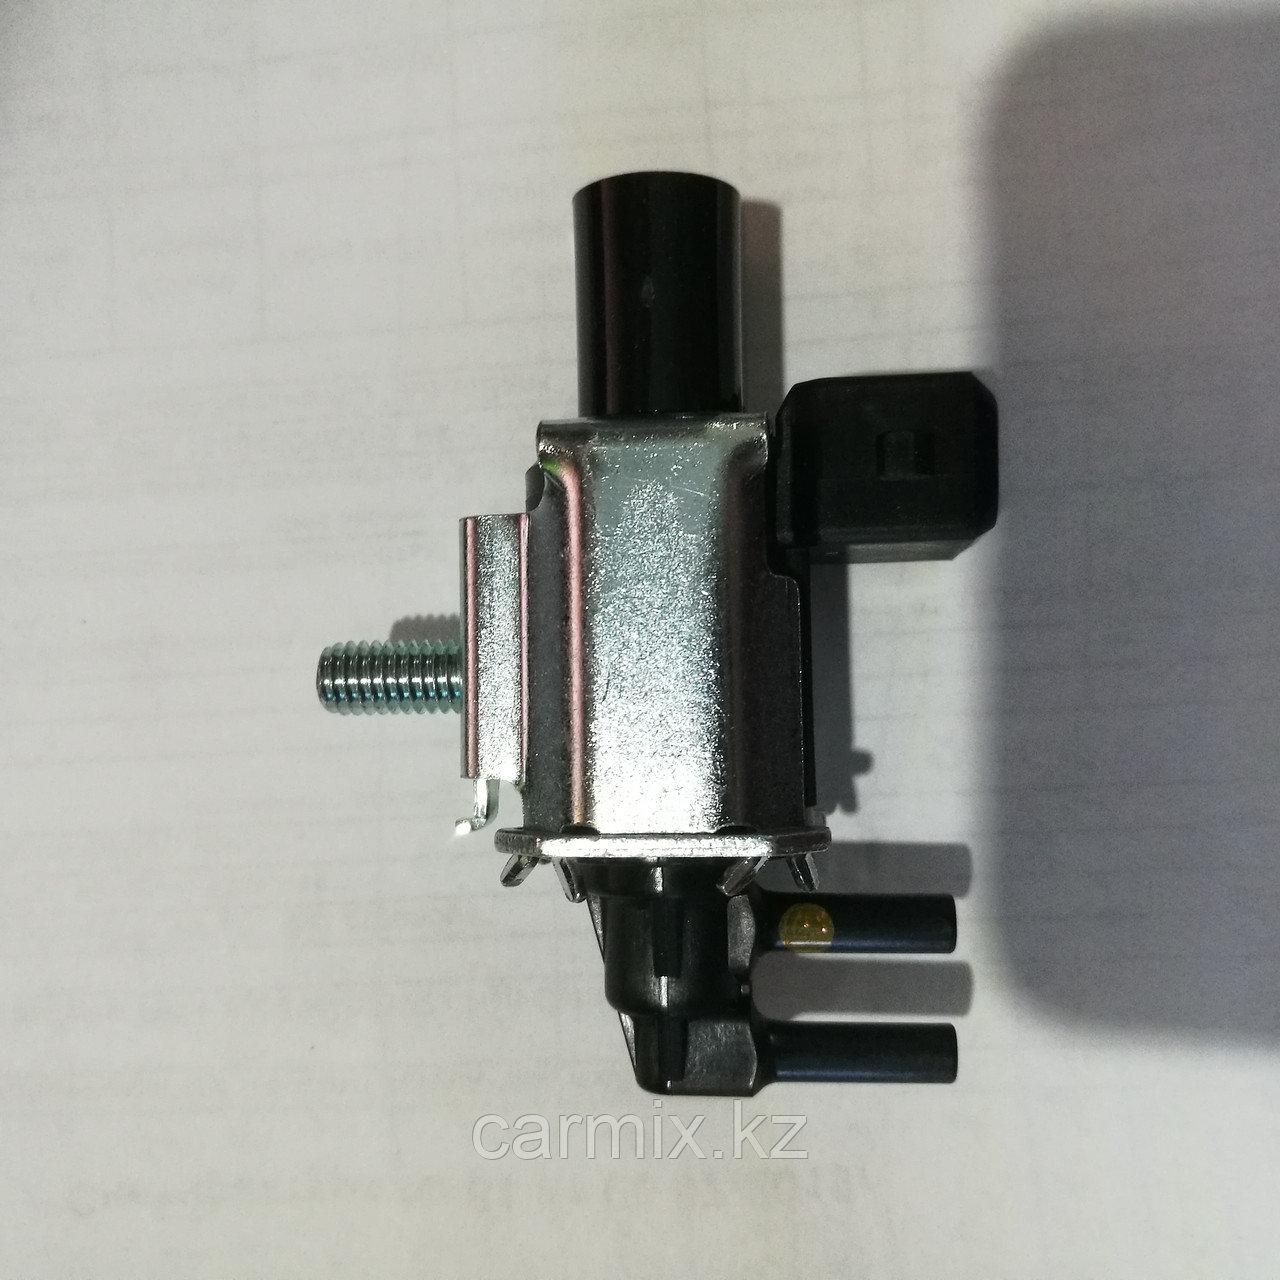 Клапан соленоидной системы MITSUBISHI MONTERO V77W, MITSUBISHI PAJERO SPORT KH6W, MITSUBISHI OUTLANDER CW6W